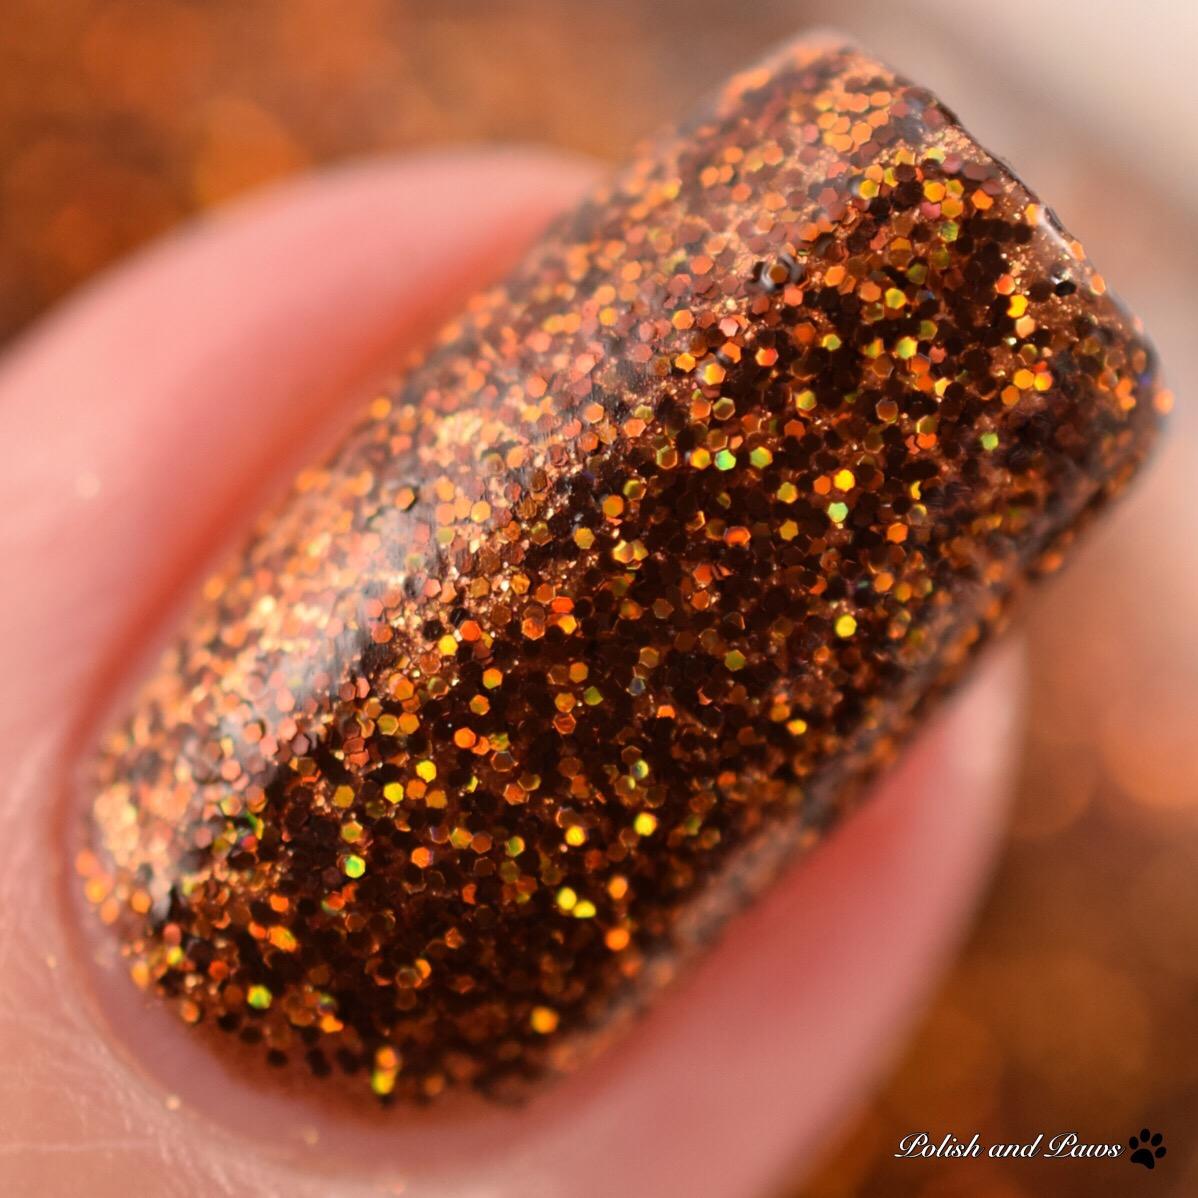 Creative Cuticles Pumpkin Spice